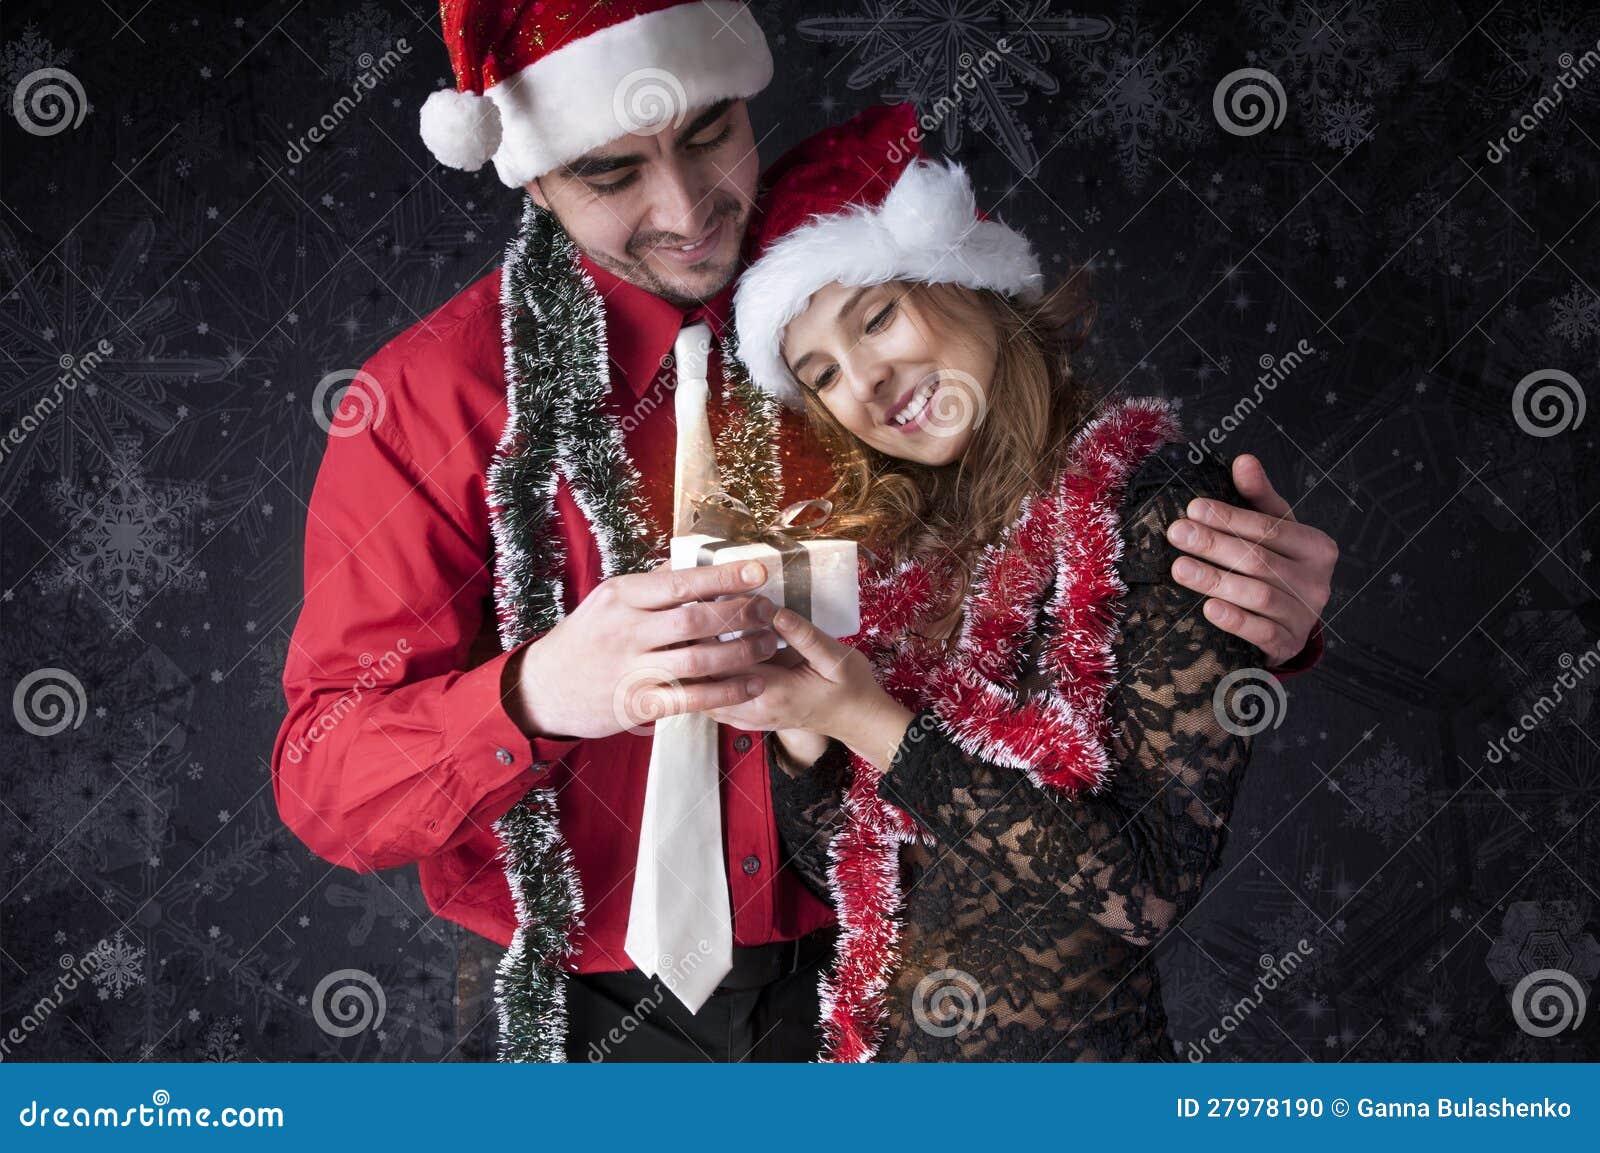 Junge Geben Ihrer Freundin Ein Weihnachtsgeschenk. Stockfoto - Bild ...